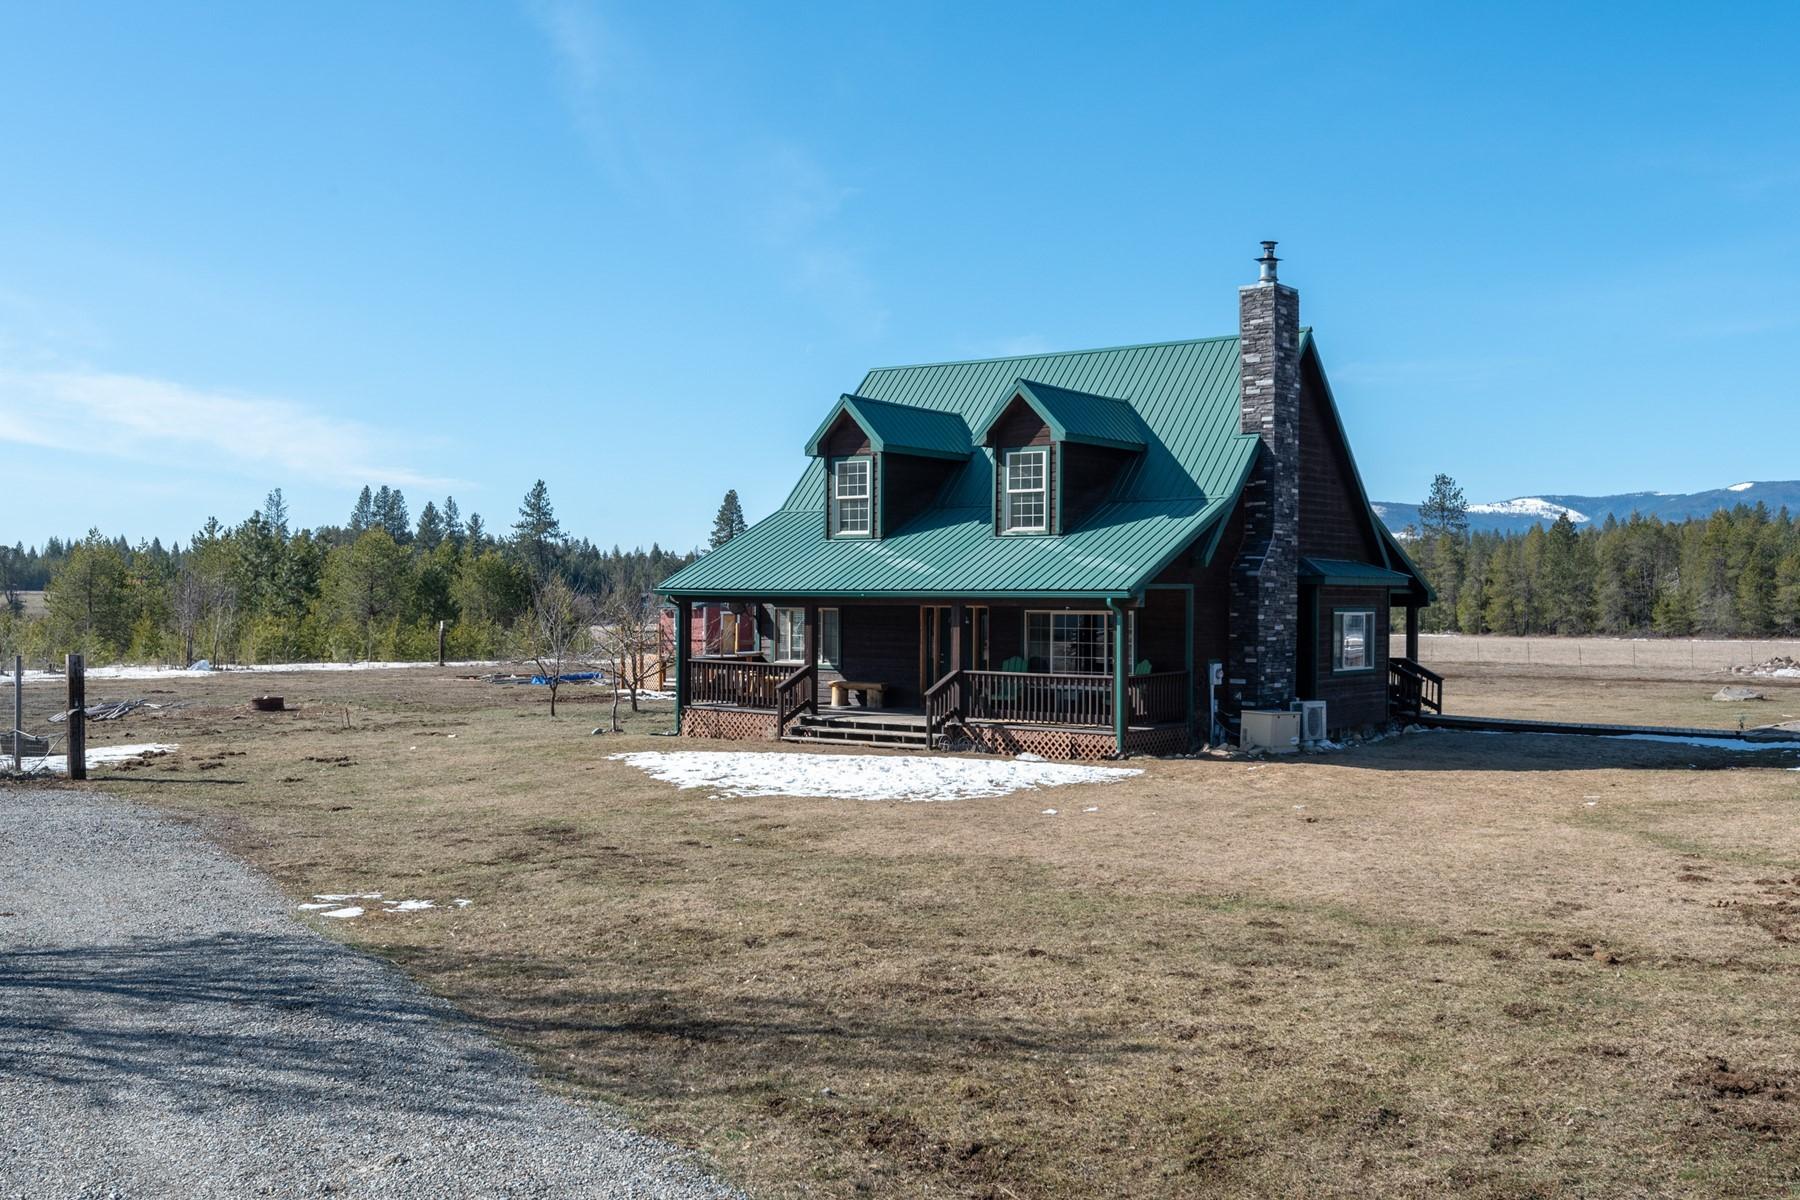 Single Family Homes für Verkauf beim Vay Farmhouse 4290 Vay Rd, Priest River, Idaho 83856 Vereinigte Staaten